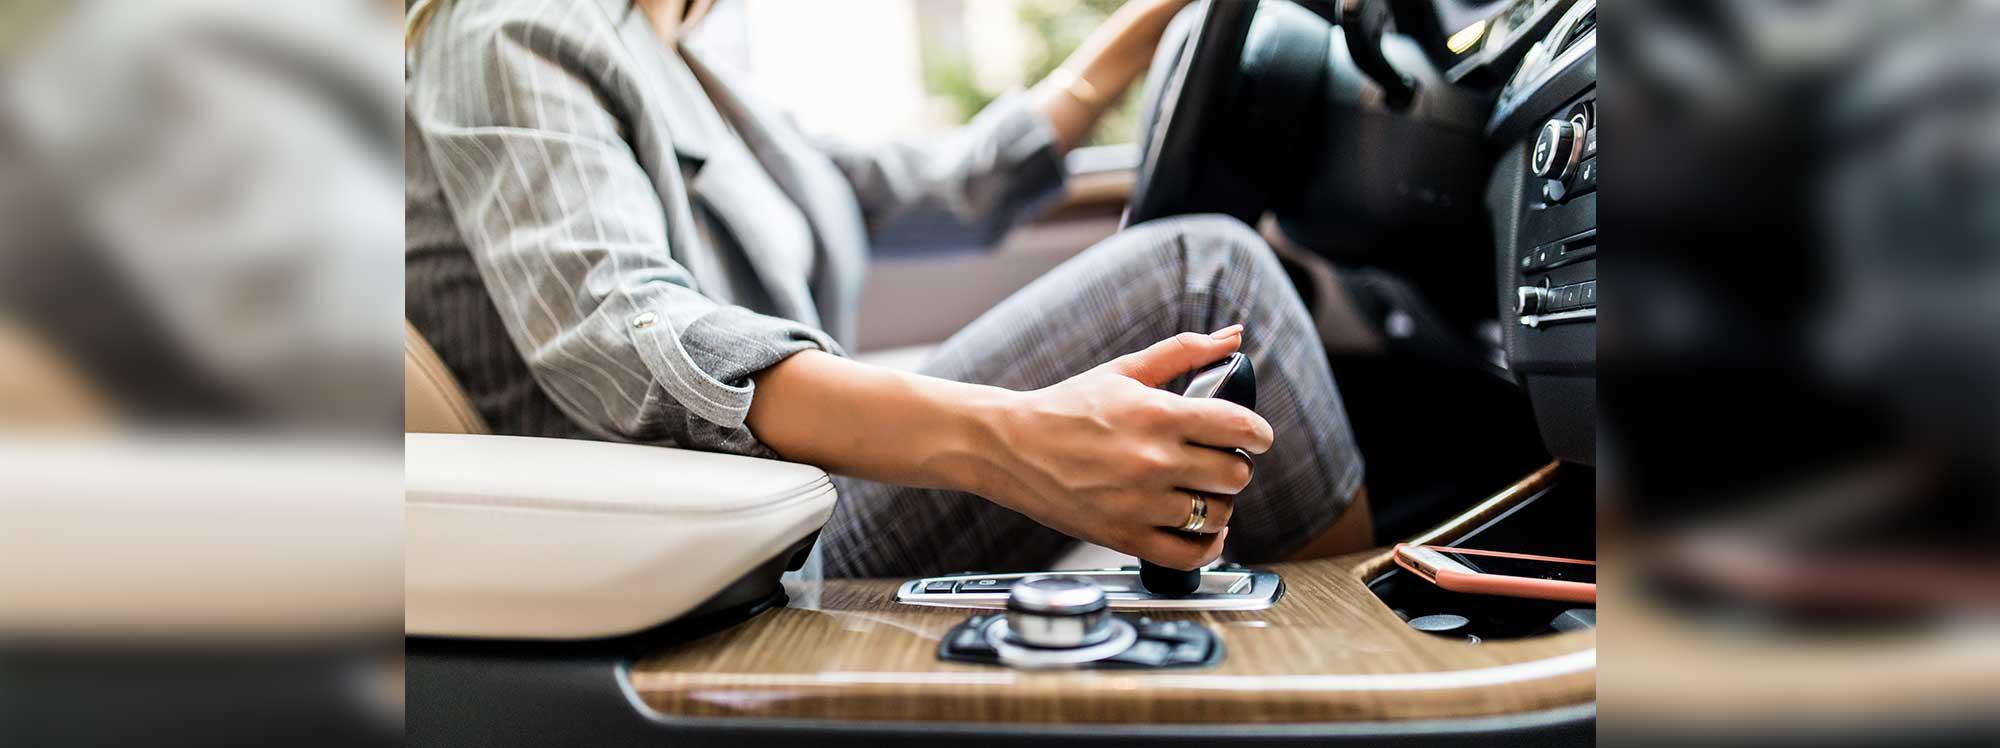 Domine las marchas del auto: Guía para principiantes